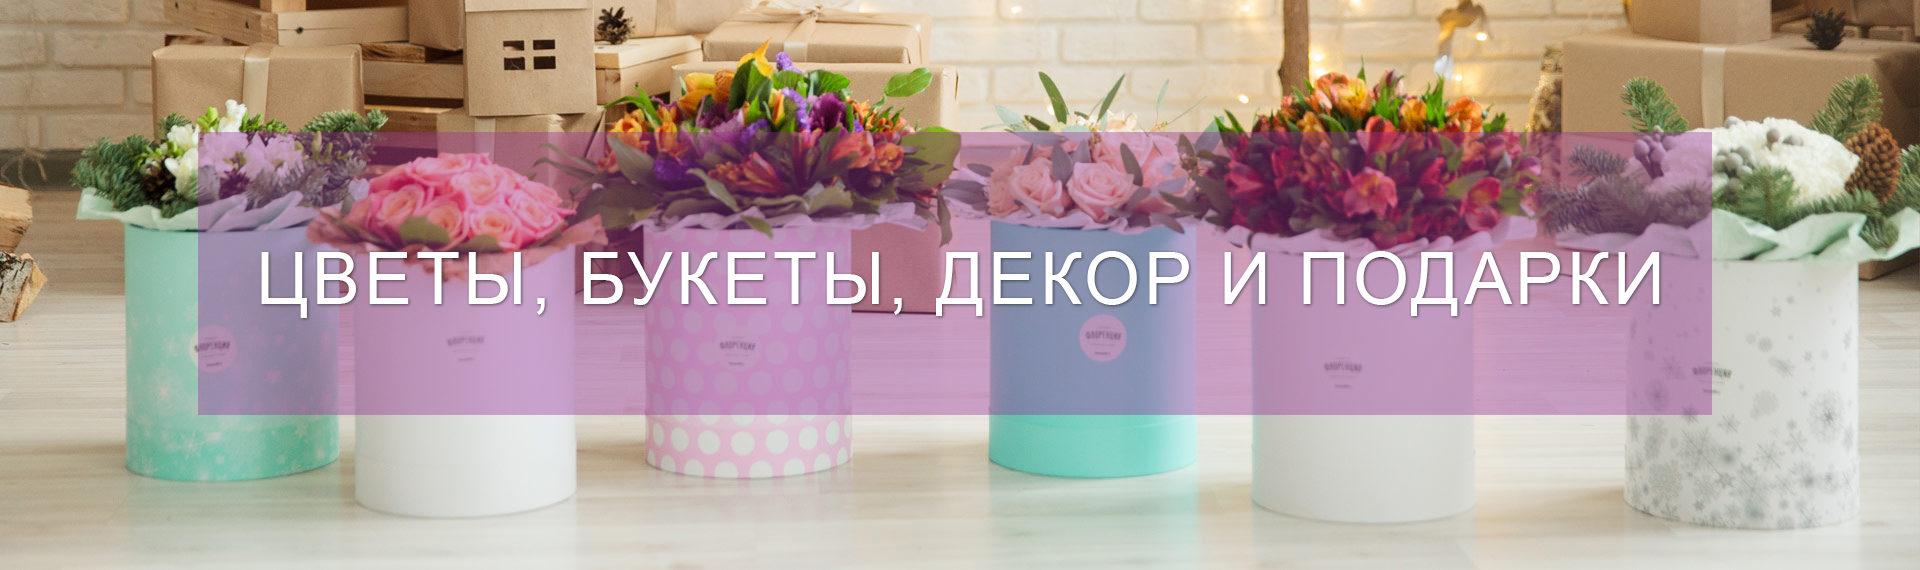 Доставка цветов Голицыно